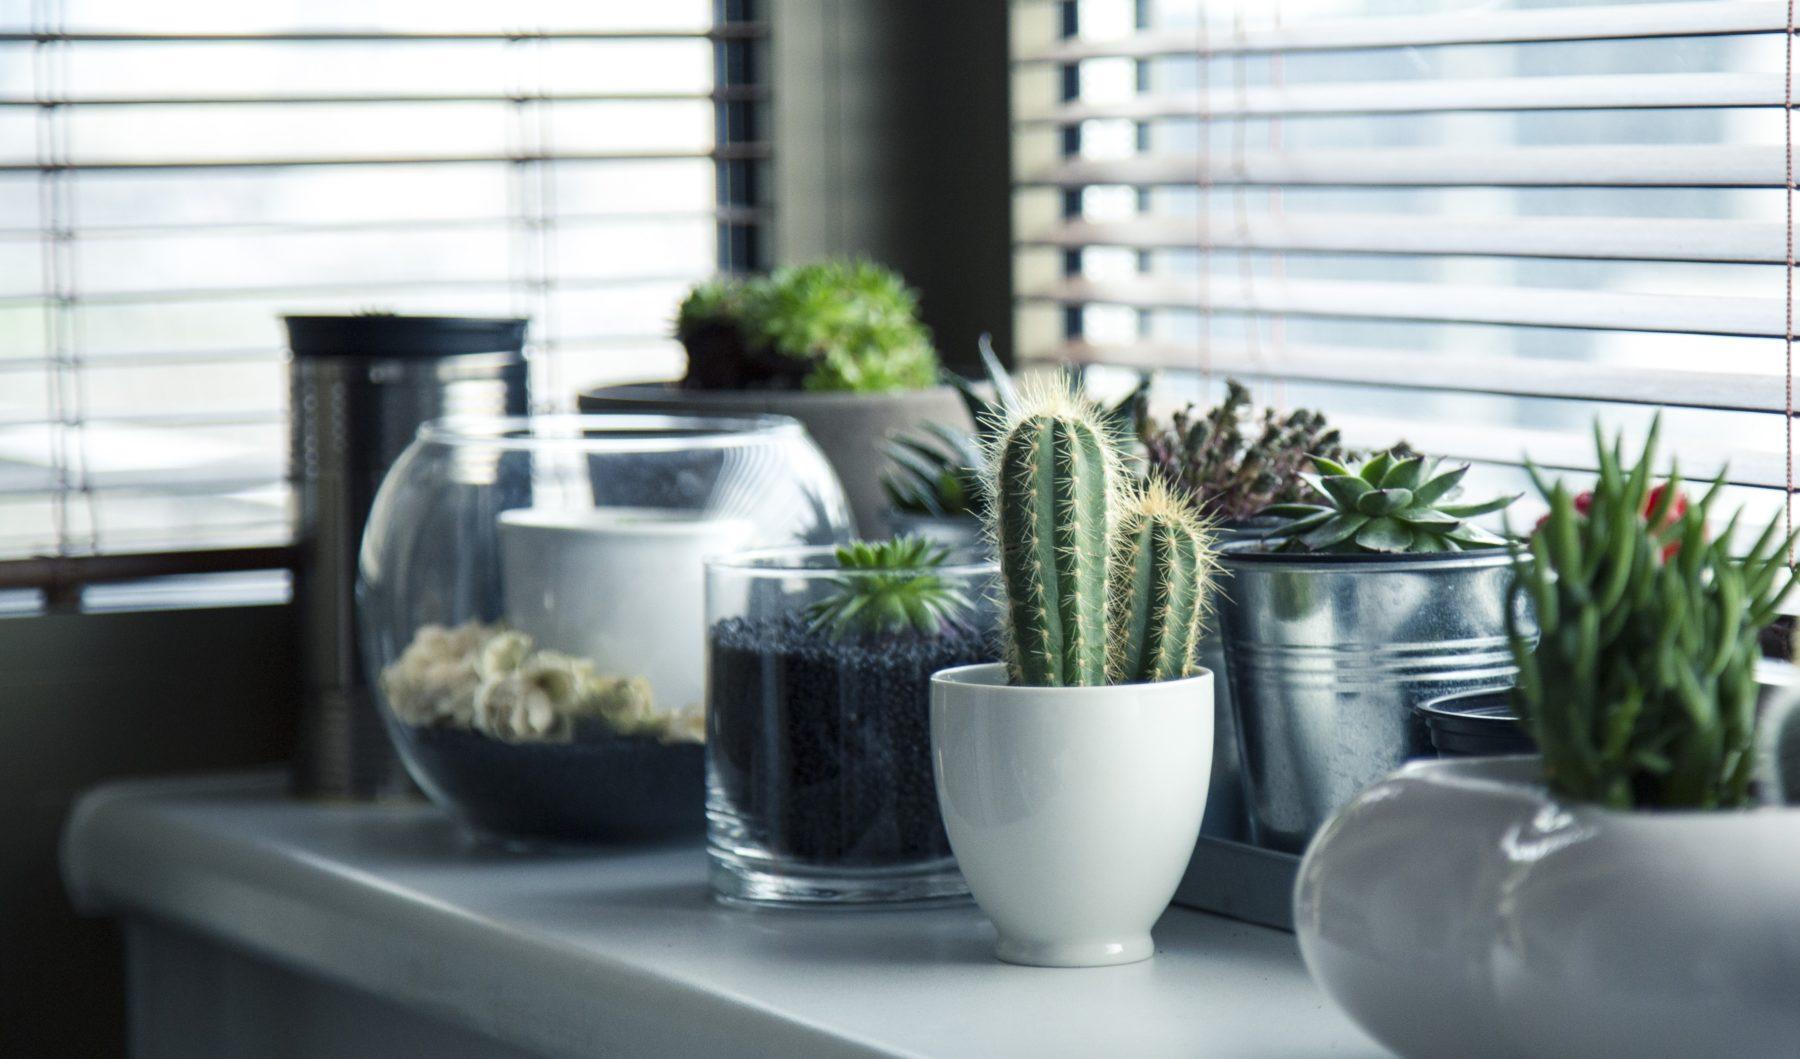 8 robuste zimmerpflanzen die besonders wenig wasser brauchen. Black Bedroom Furniture Sets. Home Design Ideas